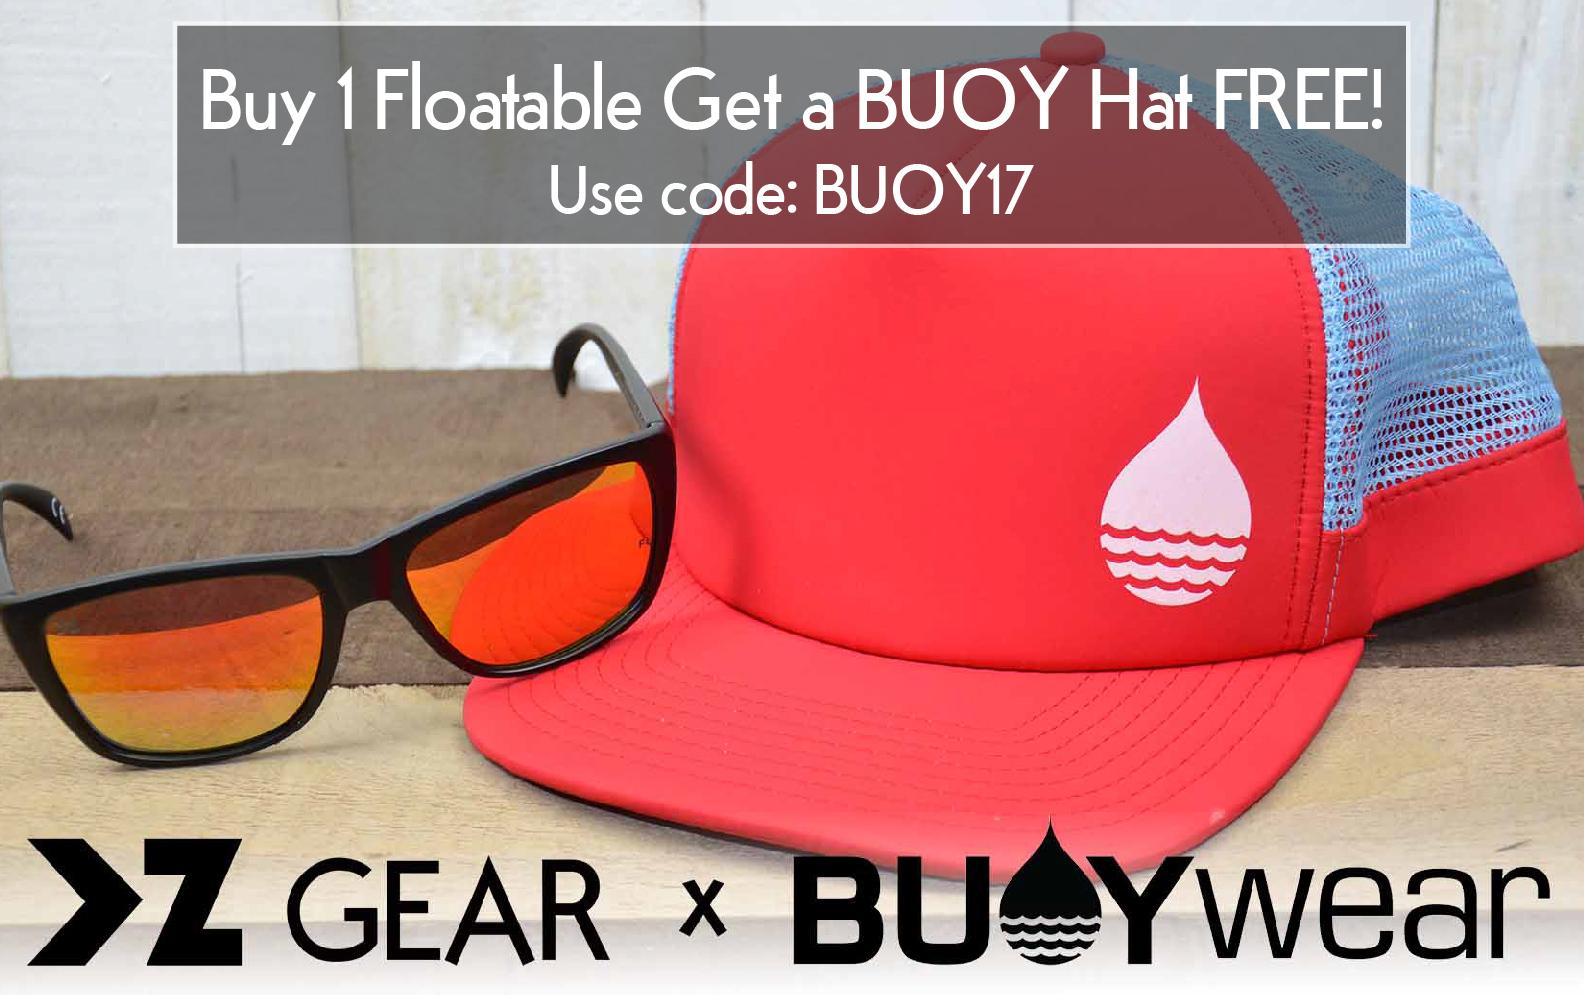 Buoy Hat Offer